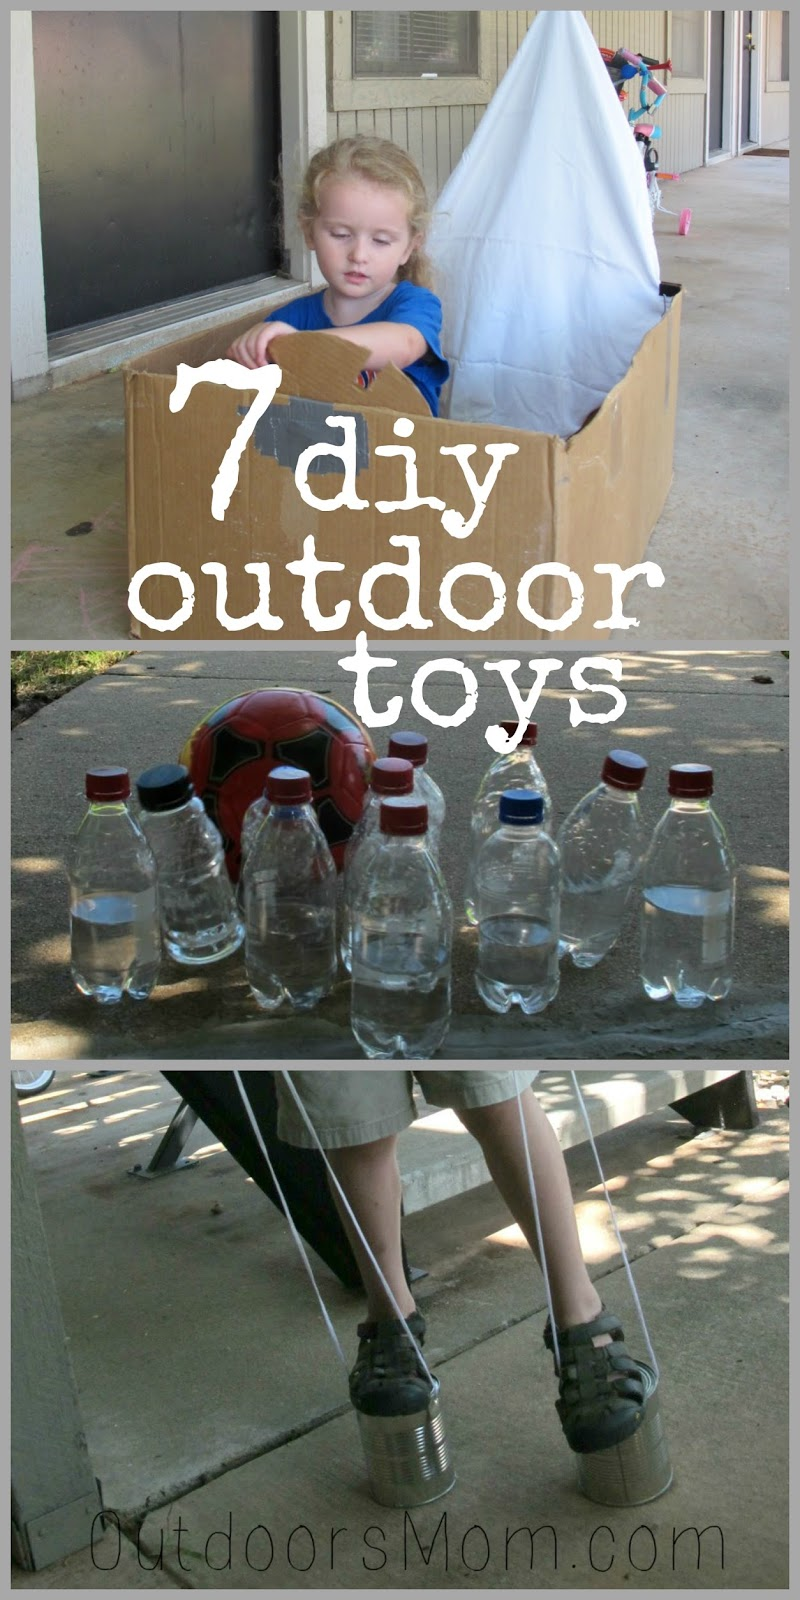 Outdoorsmom Diy Outdoor Or Indoor Toys